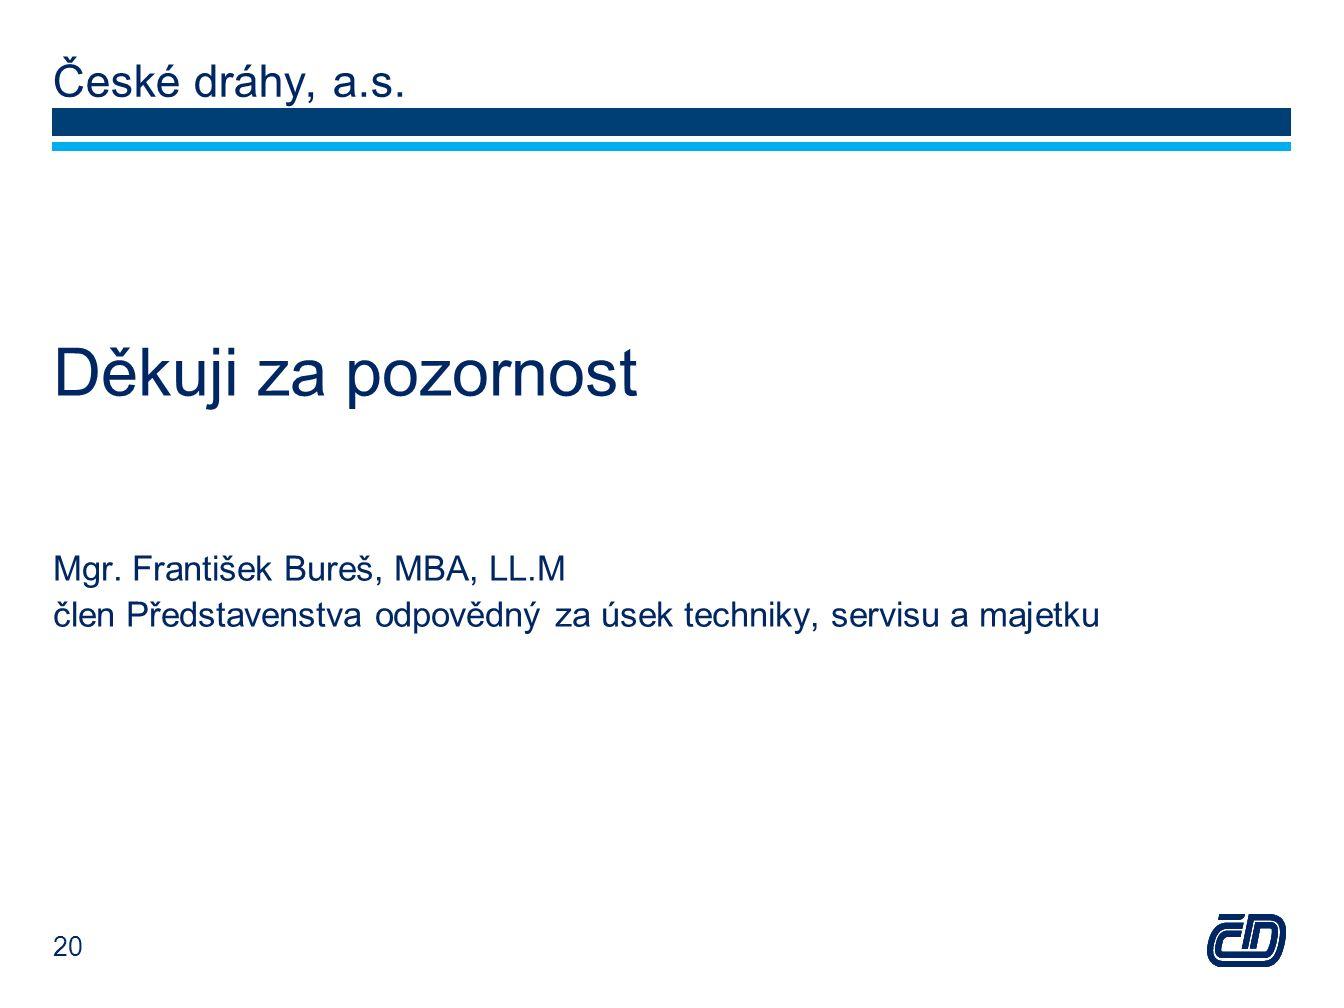 České dráhy, a.s. Děkuji za pozornost Mgr. František Bureš, MBA, LL.M člen Představenstva odpovědný za úsek techniky, servisu a majetku 20